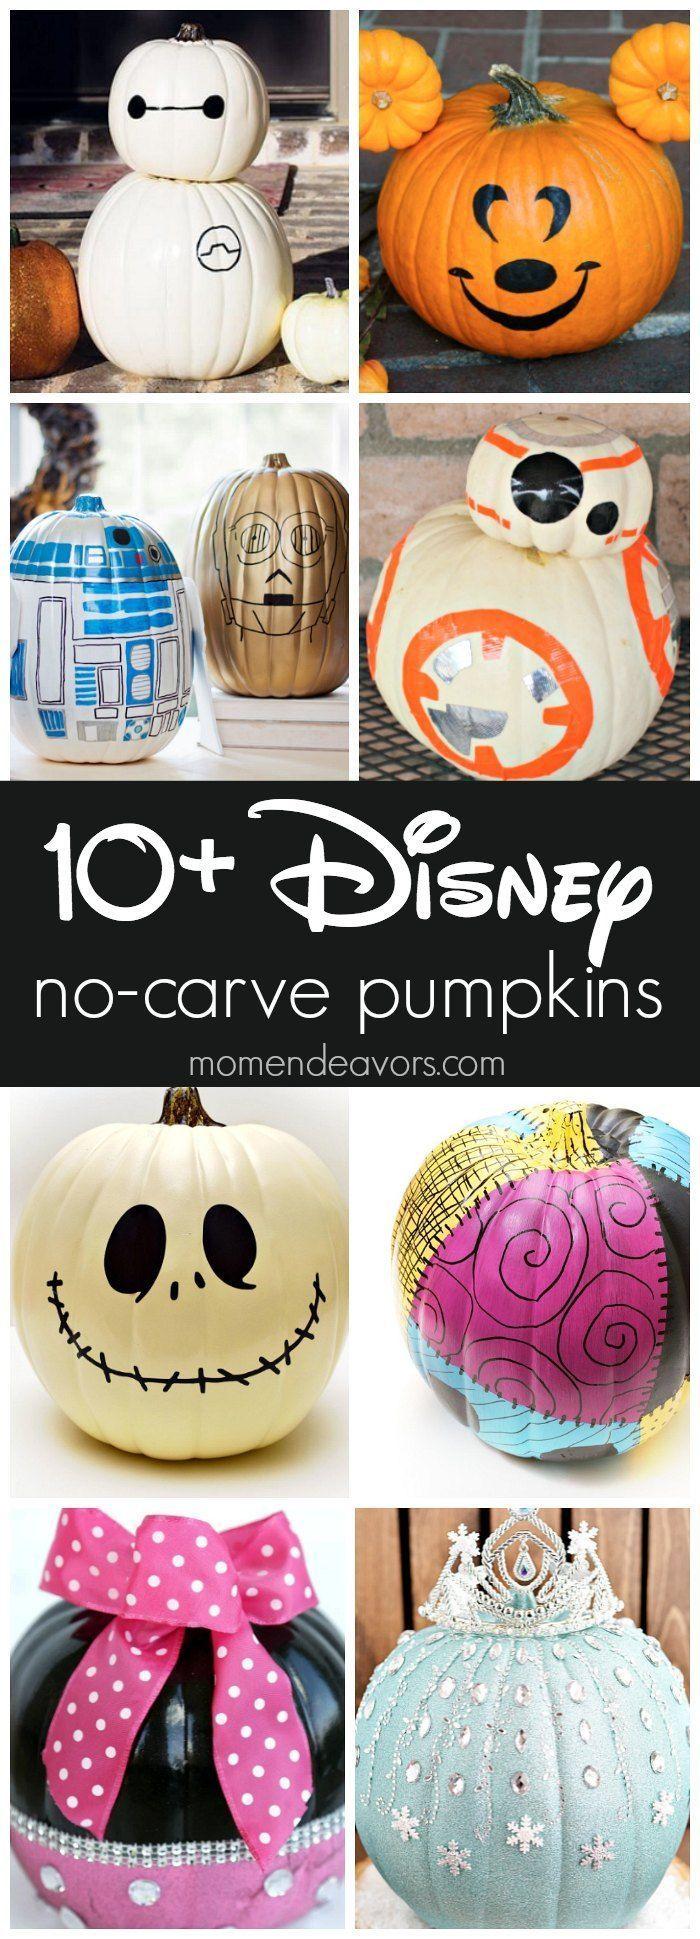 Disney Pumpkin Carving Ideas   + CLIPZINE Pages   Pinterest ...